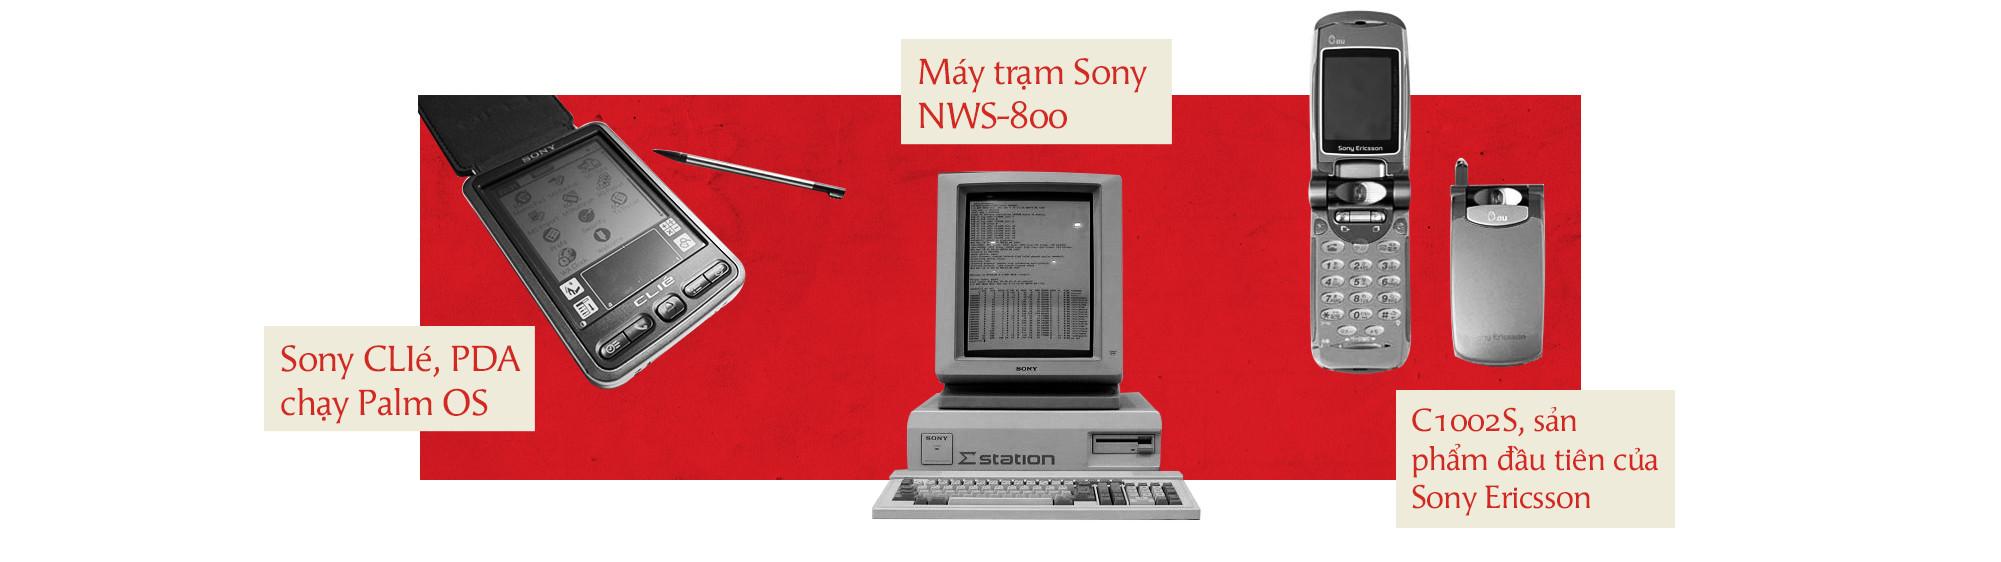 Toàn cảnh cú trượt dài từ vị thế thống trị đến hiện tại mờ nhạt của Sony - Ảnh 8.